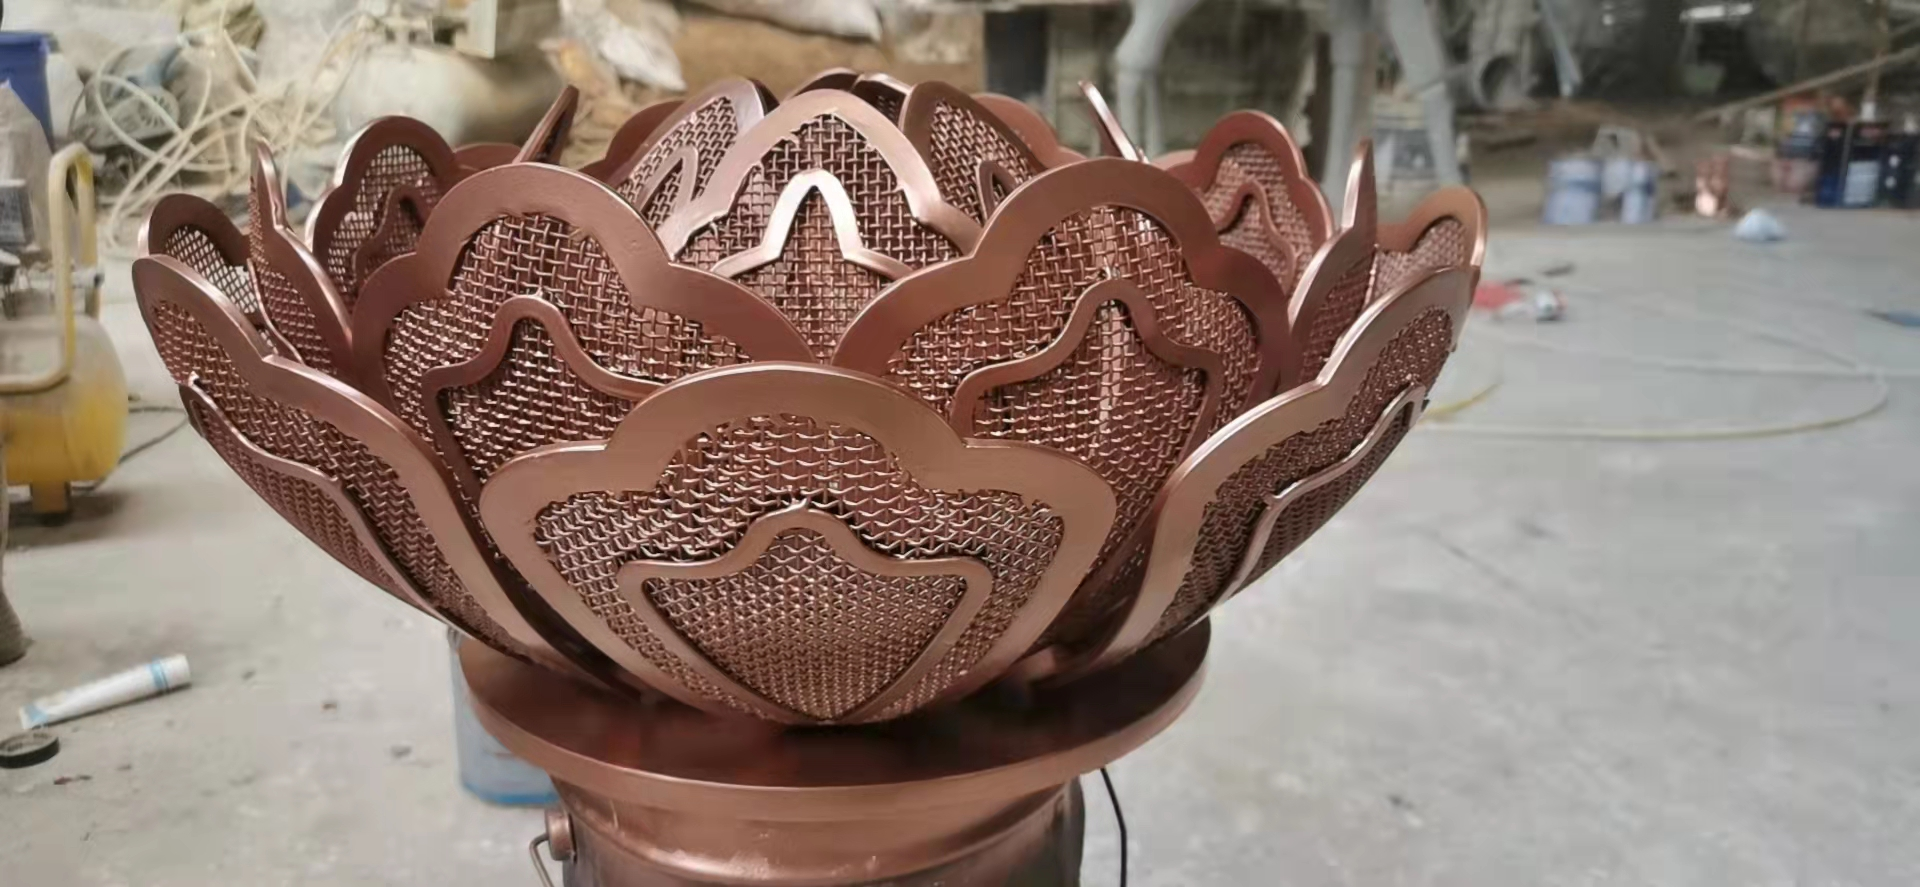 你知道不锈钢雕塑的制作过程么?本文给你讲解